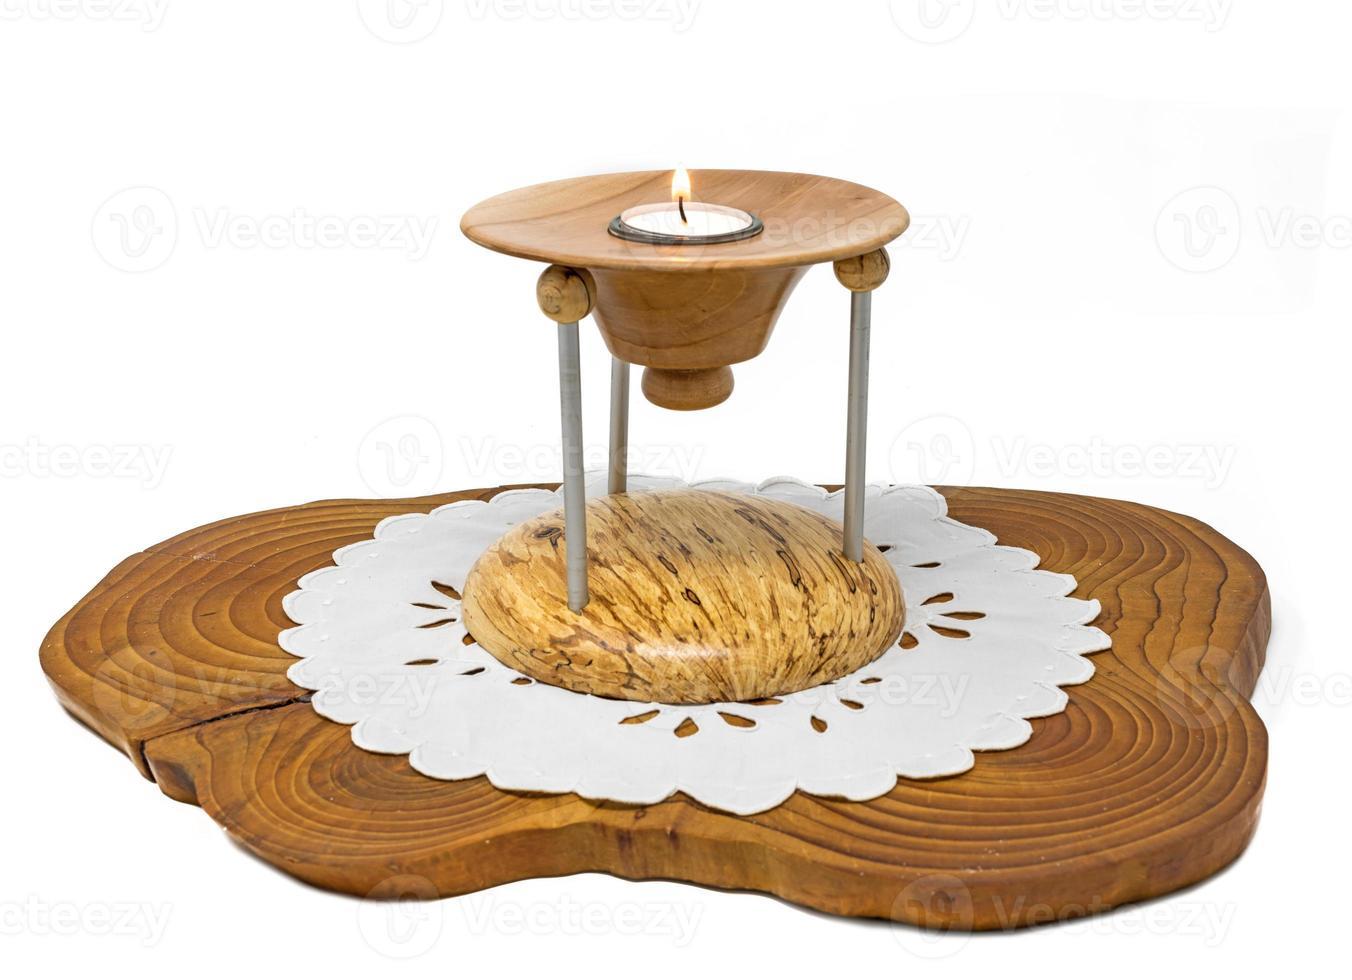 Bougeoir en bois en plusieurs parties avec bougie allumée se dresse sur une planche de bois sombre photo